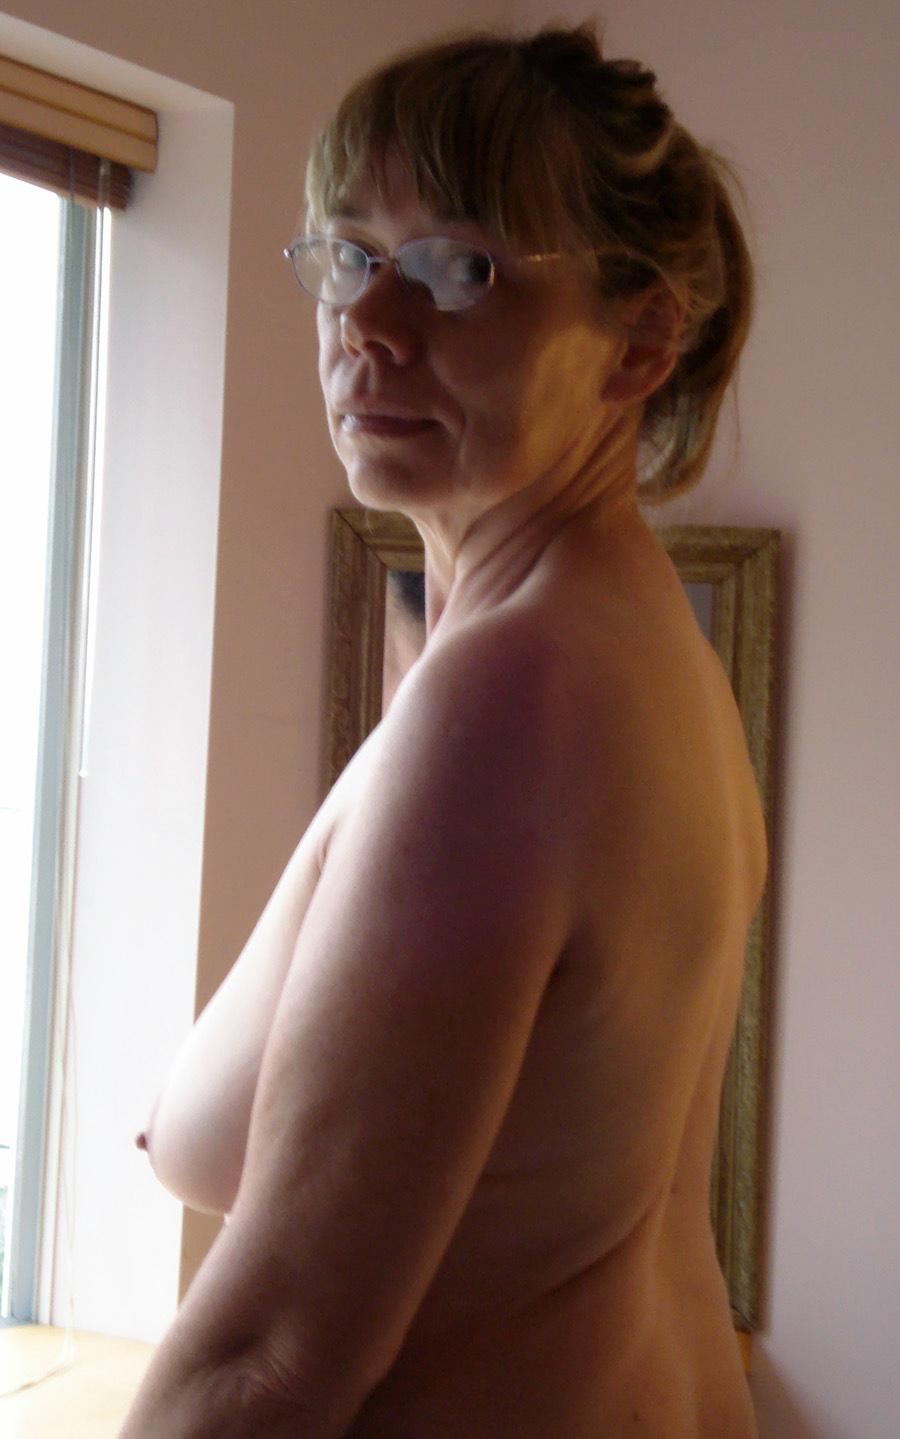 maman nue en photo sexe  109